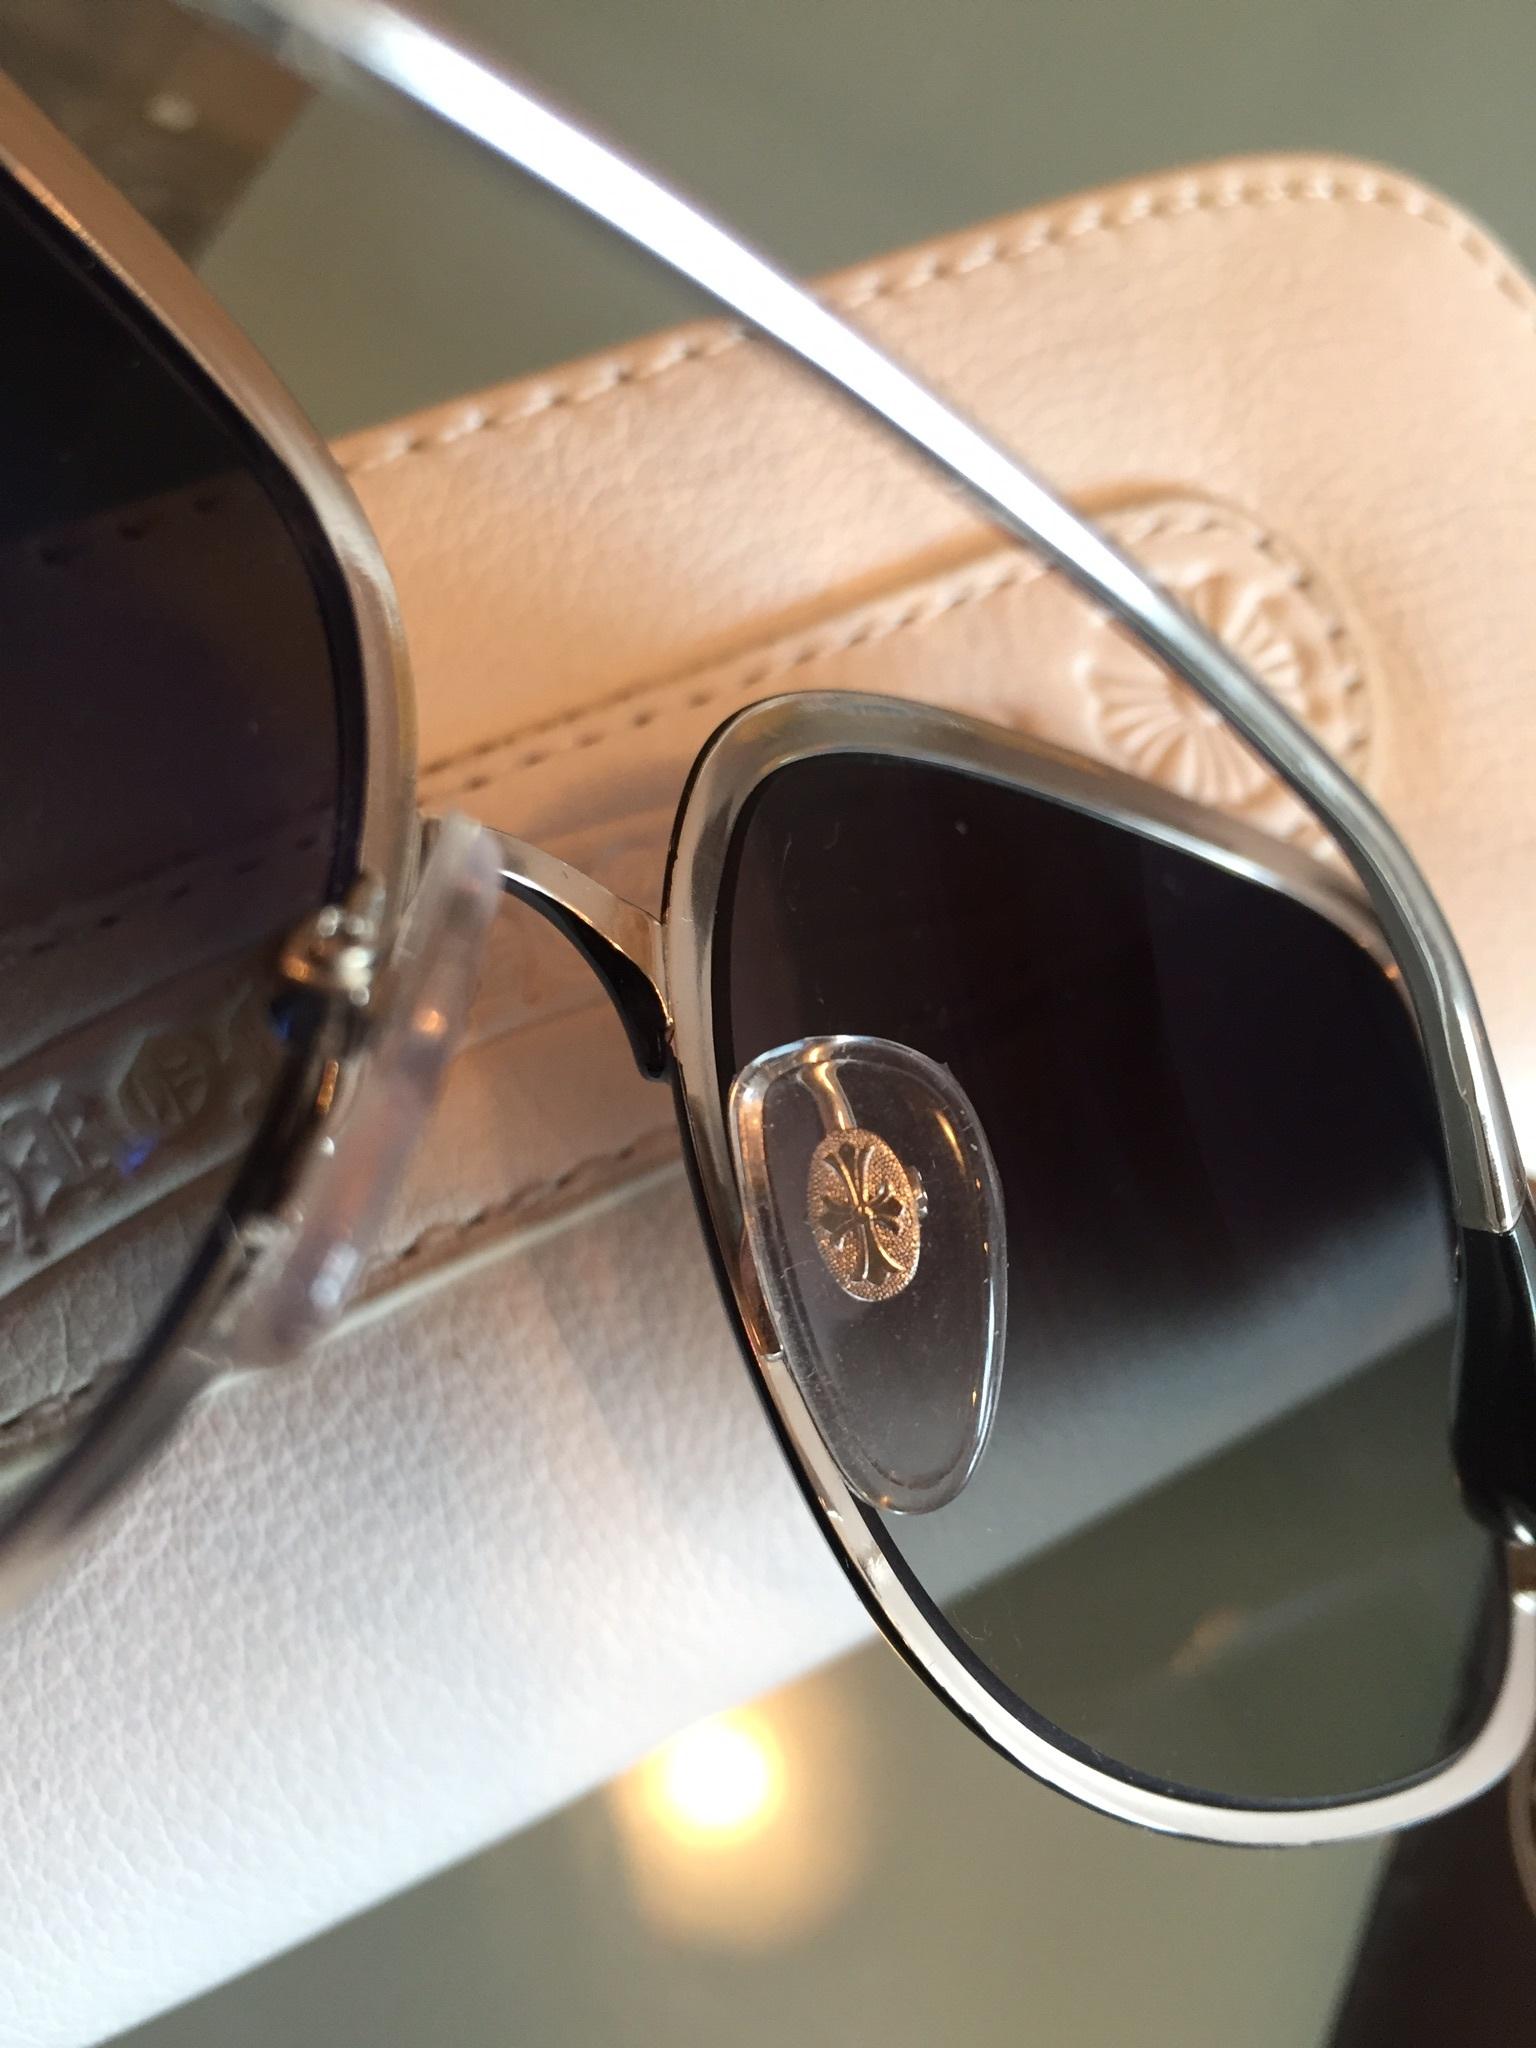 c5212be84314 Купить солнцезащитные очки Chrome Hearts за 14200 руб. в интернет ...